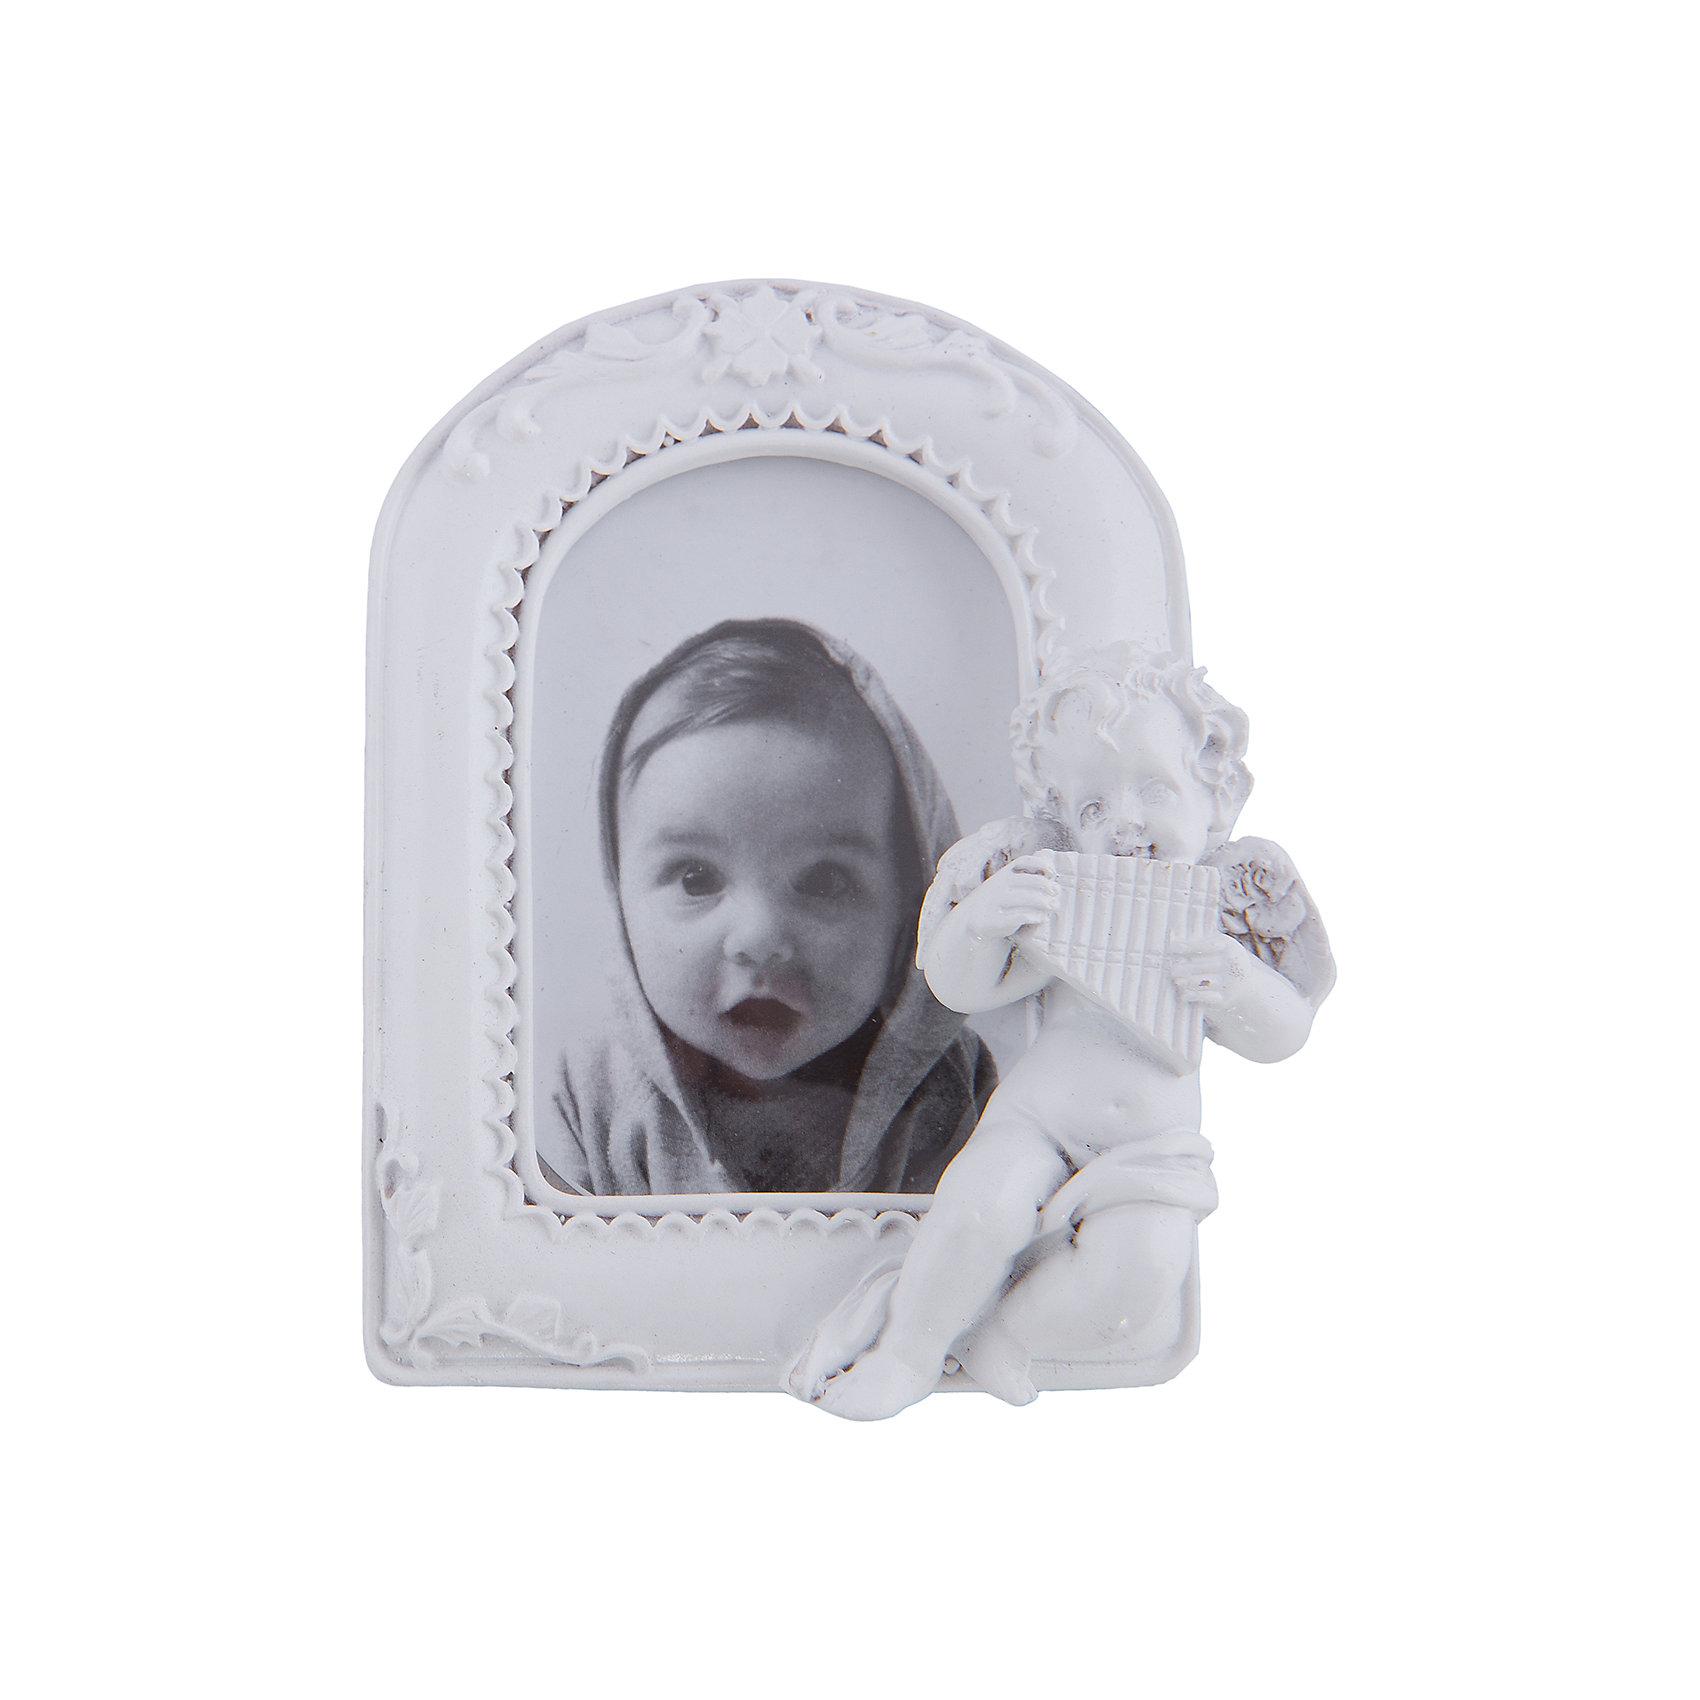 Фоторамка декоративная АНГЕЛ С ПАН-ФЛЕЙТОЙПредметы интерьера<br>Декоративная фоторамка Ангел с пан-флейтой сохранит фотографии близких людей и счастливых моментов жизни. Рельефная рамка украшена очаровательным ангелочком, есть удобная ножка для установки на стол или полку. Эта замечательная рамка займет достойное место в вашей комнате и поможет сохранить рядом самые важные моменты!<br><br>Дополнительная информация:<br>Цвет: белый<br>Материал: полирезин, пластик, картон<br>Размер рамки: 7,5х10,3х2,5 см<br>Размер фотографии: 7,5х5 см<br>Вес: 115 грамм<br>Декоративную фоторамку Ангел с пан-флейтой вы можете купить в нашем интернет-магазине.<br><br>Ширина мм: 500<br>Глубина мм: 280<br>Высота мм: 450<br>Вес г: 115<br>Возраст от месяцев: 84<br>Возраст до месяцев: 216<br>Пол: Унисекс<br>Возраст: Детский<br>SKU: 4957944